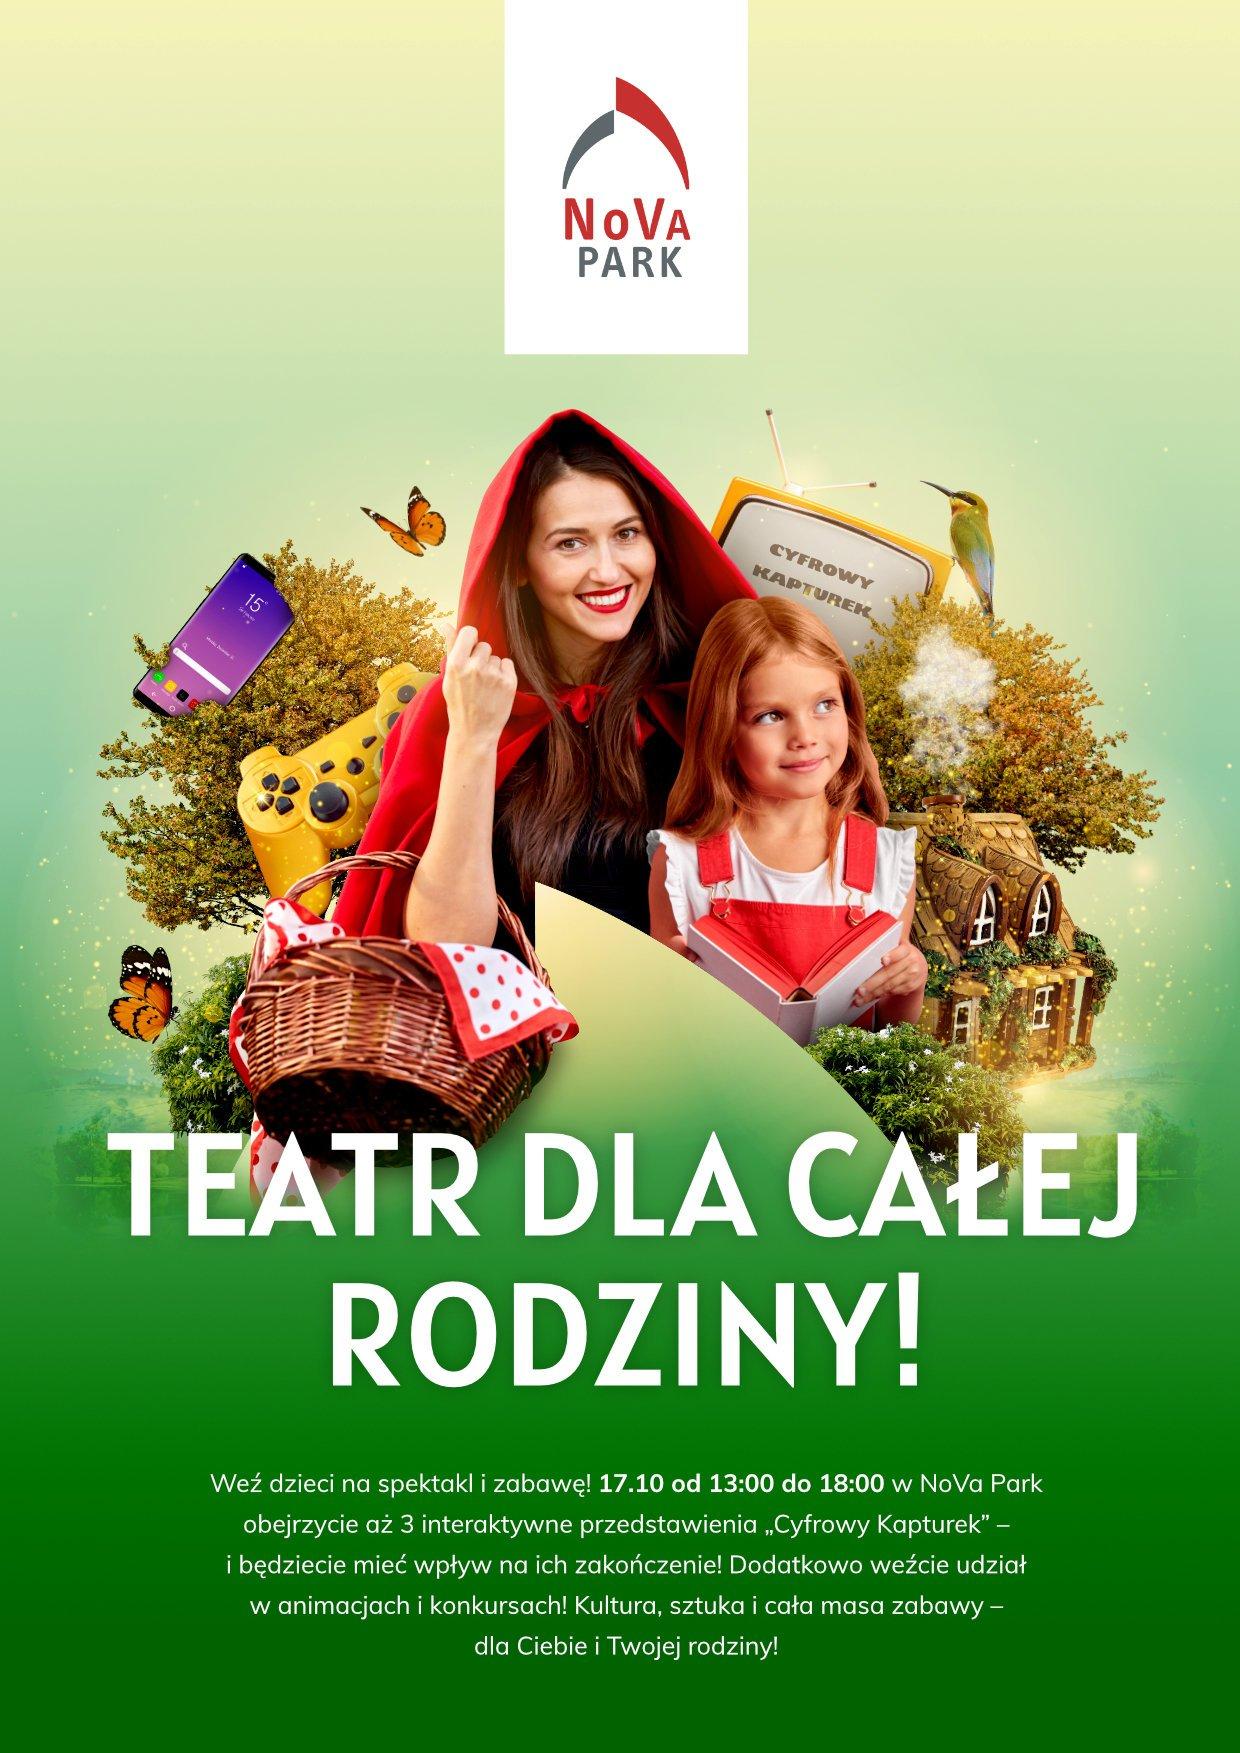 Teatr familijny w NoVa Park